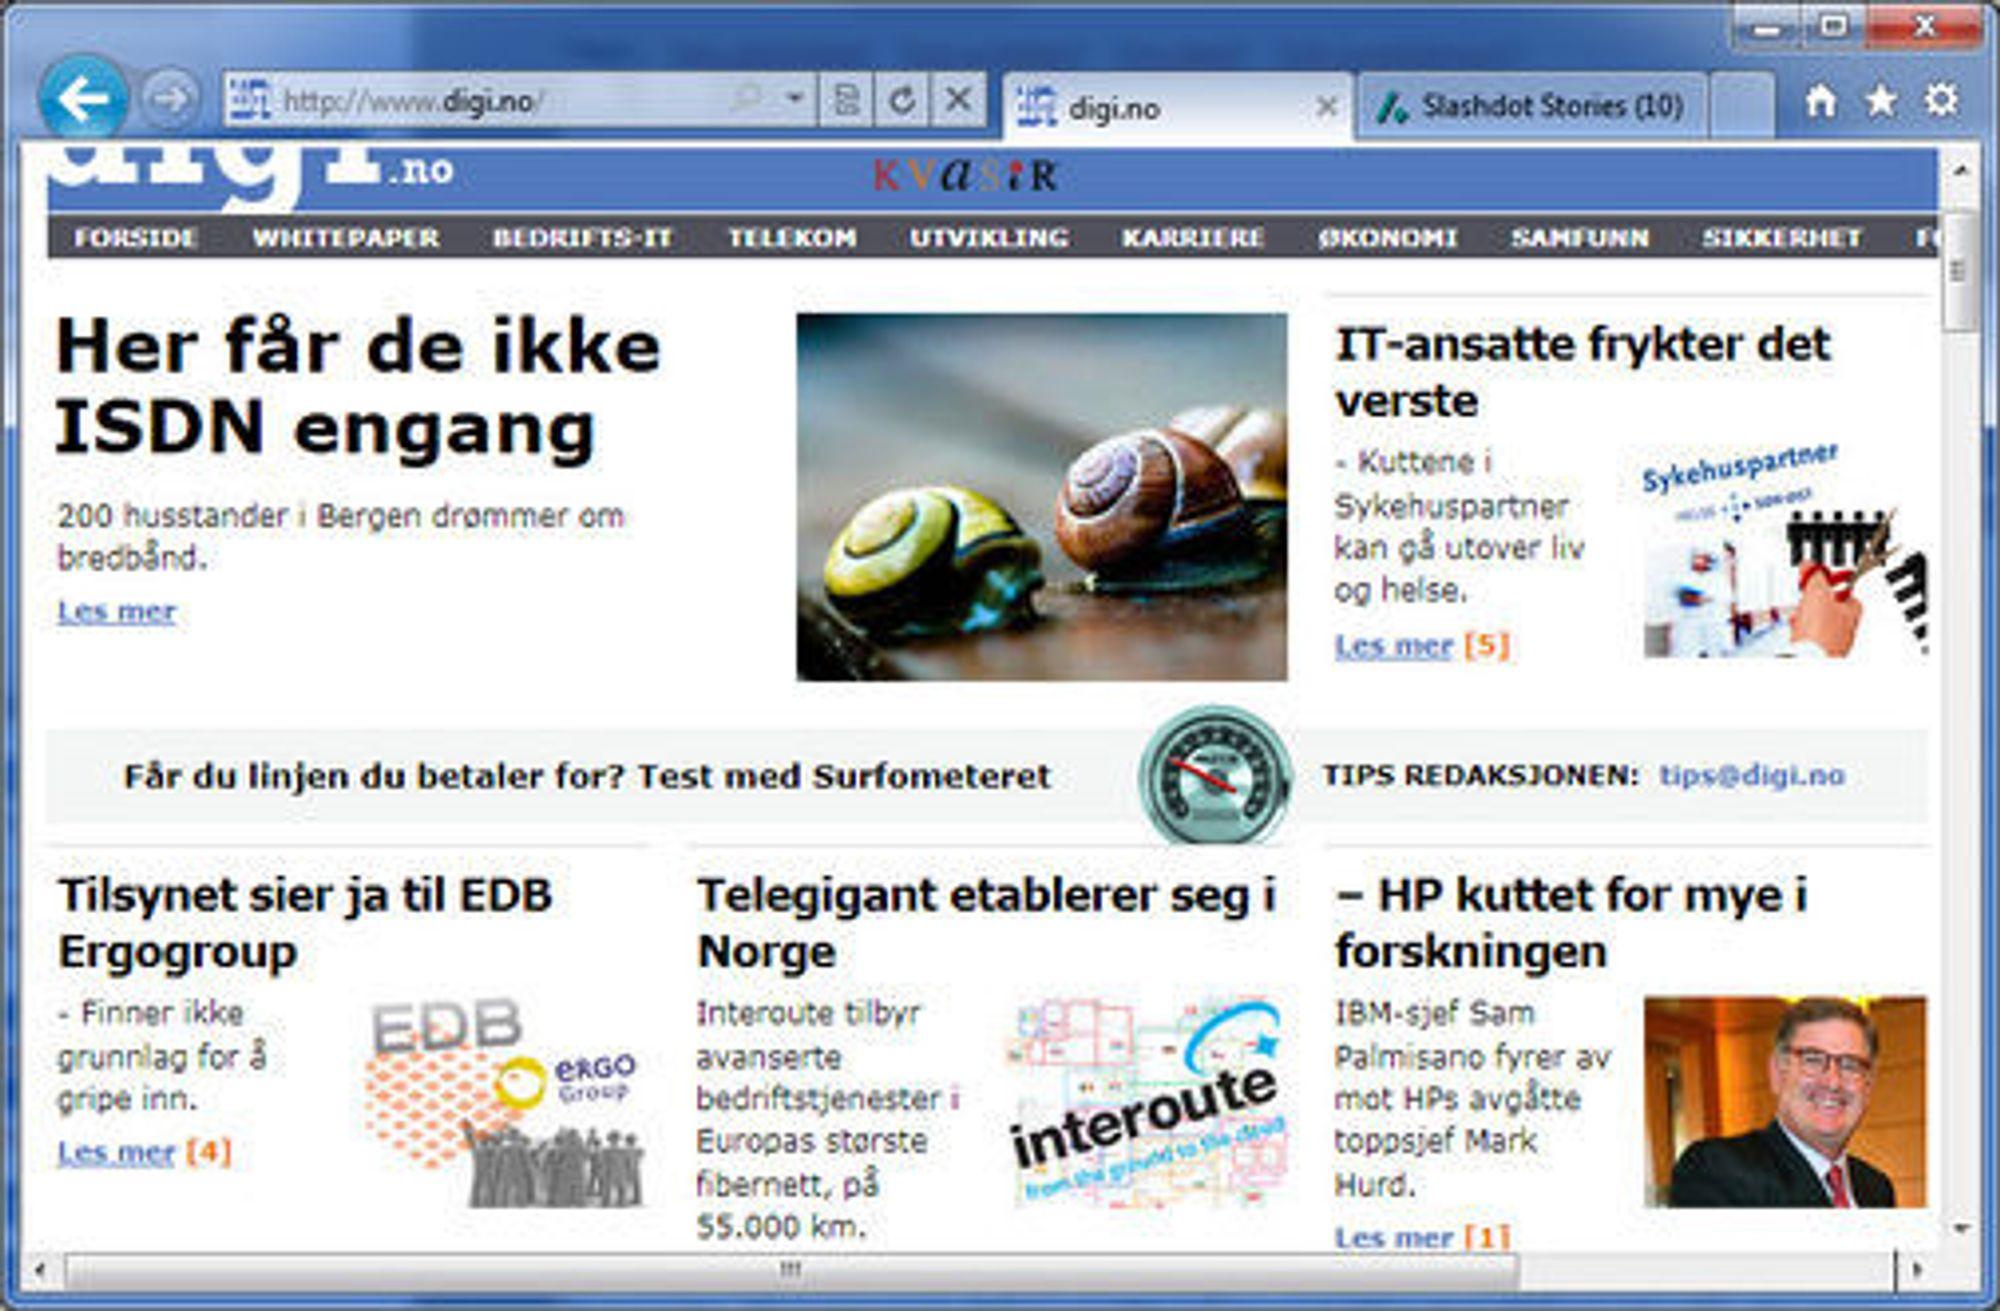 Internet Explorer 9 får et langt mer minimalistisk brukergrensesnitt enn tidligere.